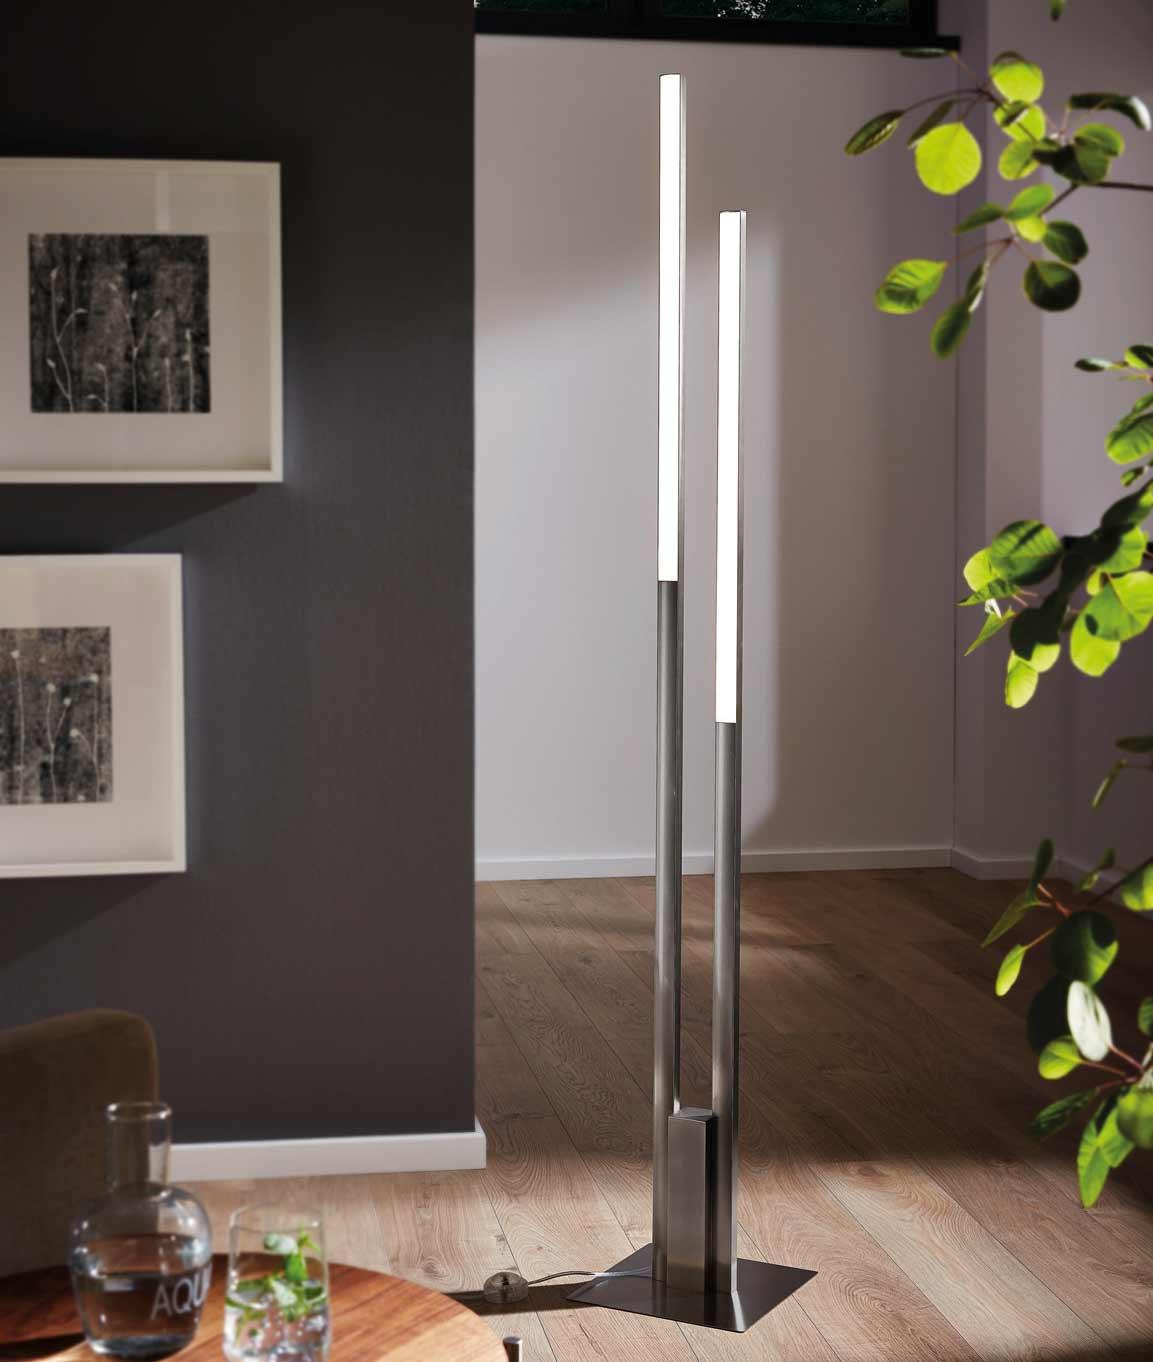 Stehlampe dimmbar FRAIOLI-C im Wohnbereich 97908